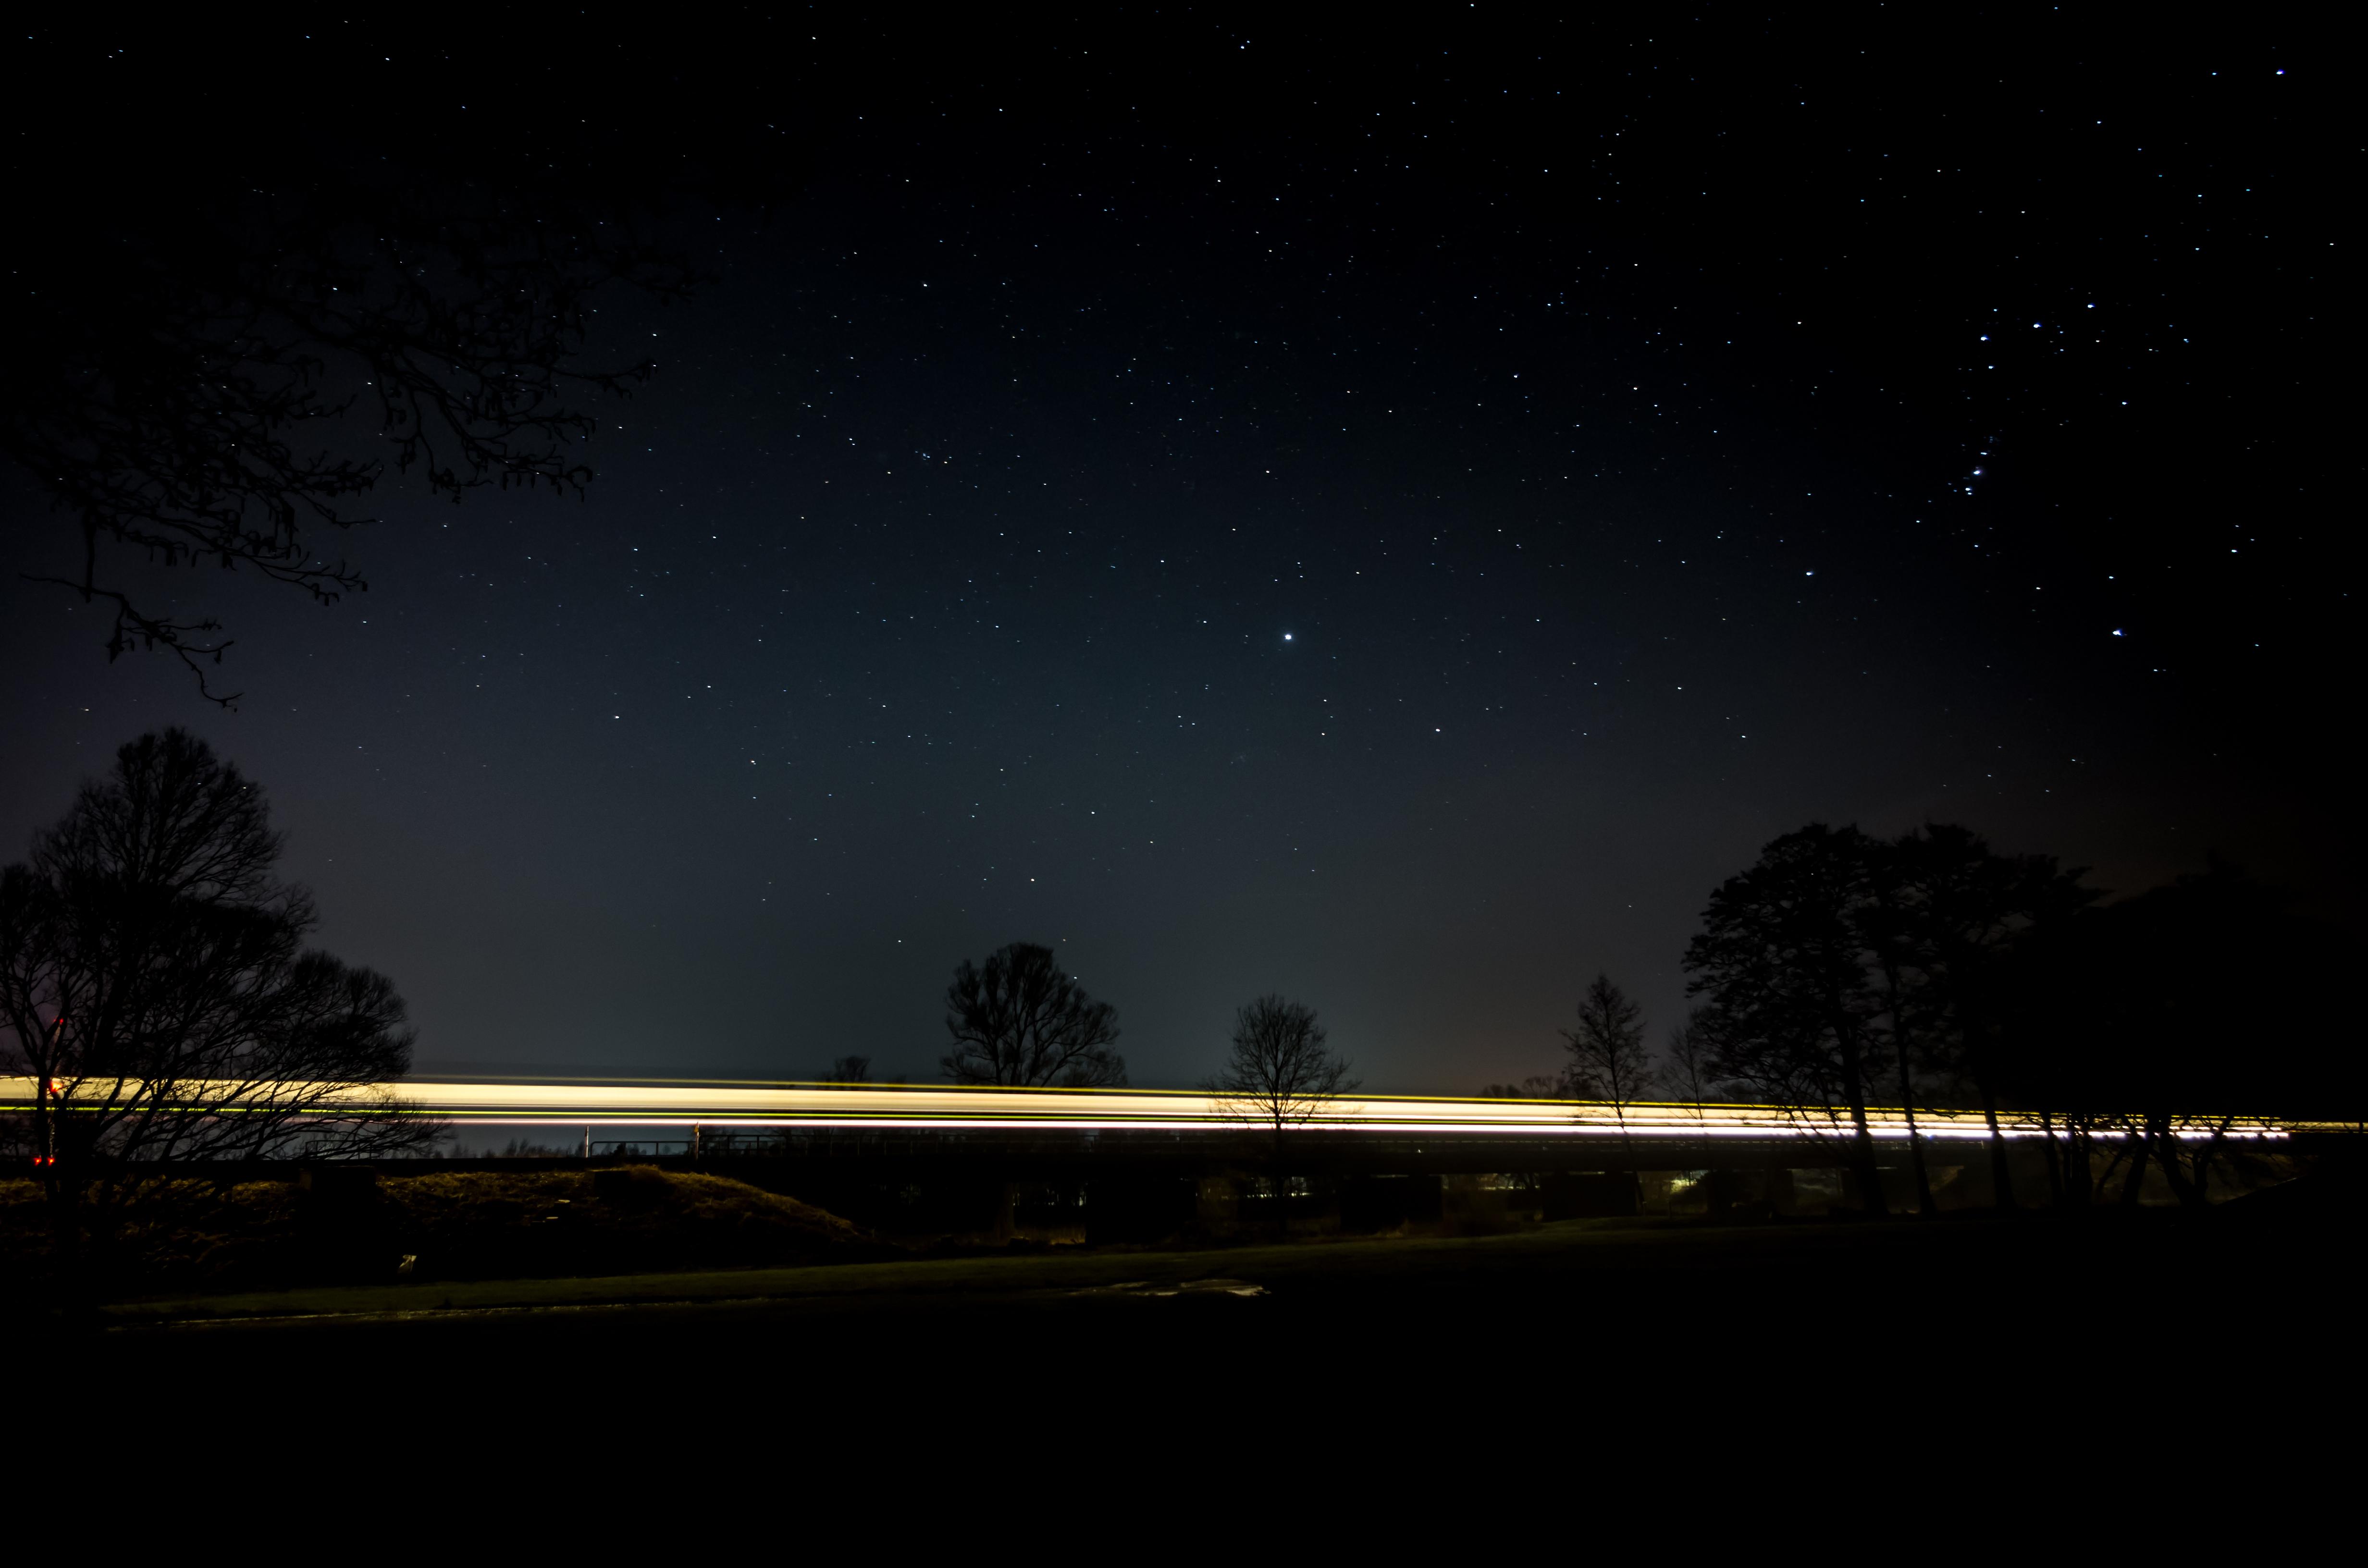 Einfach Bilder – Ein Zug bei Nacht…